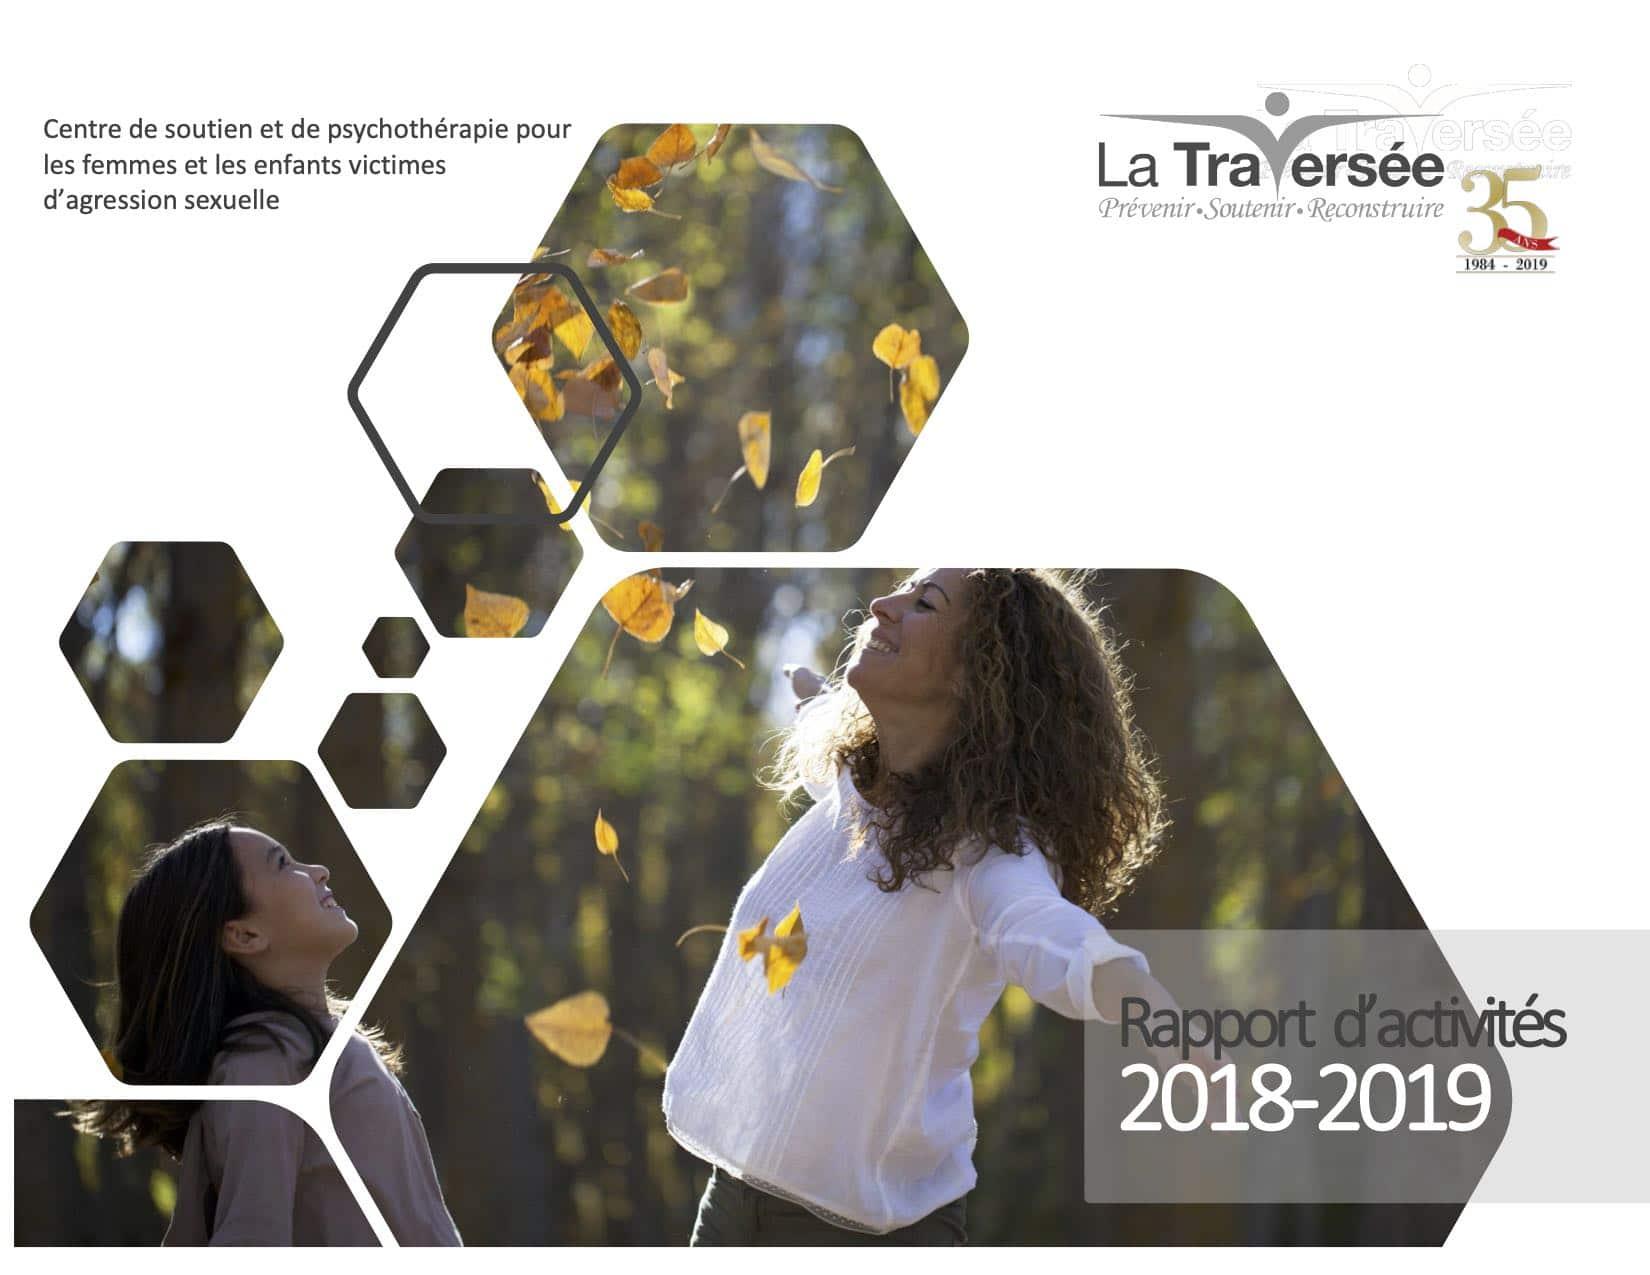 La Traversée - Rapport d'activités 2018-2019